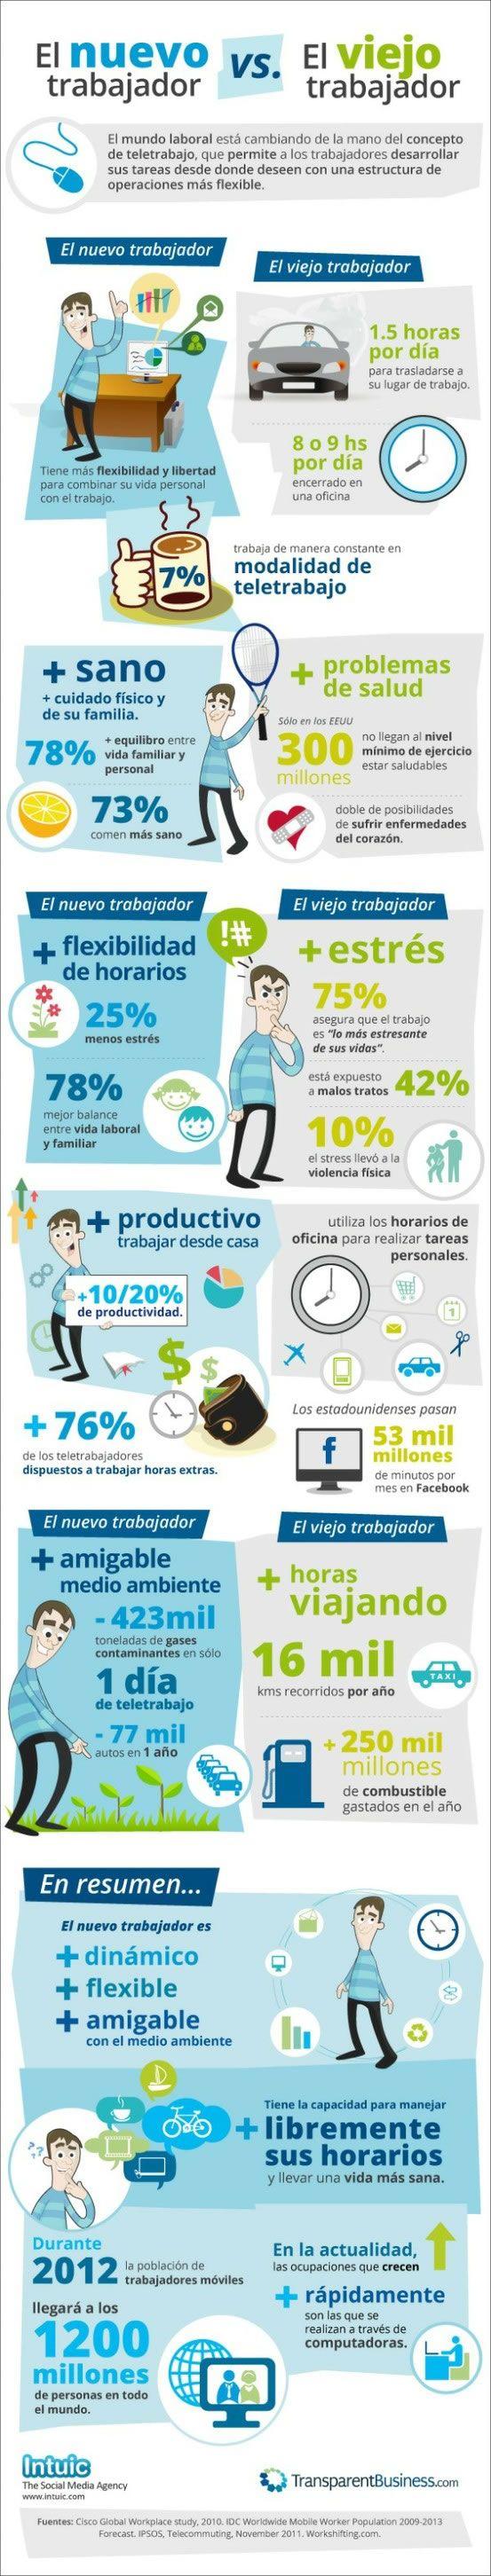 Nuevos trabajadores vs viejos trabajadores #infografia @Alfredo Vela